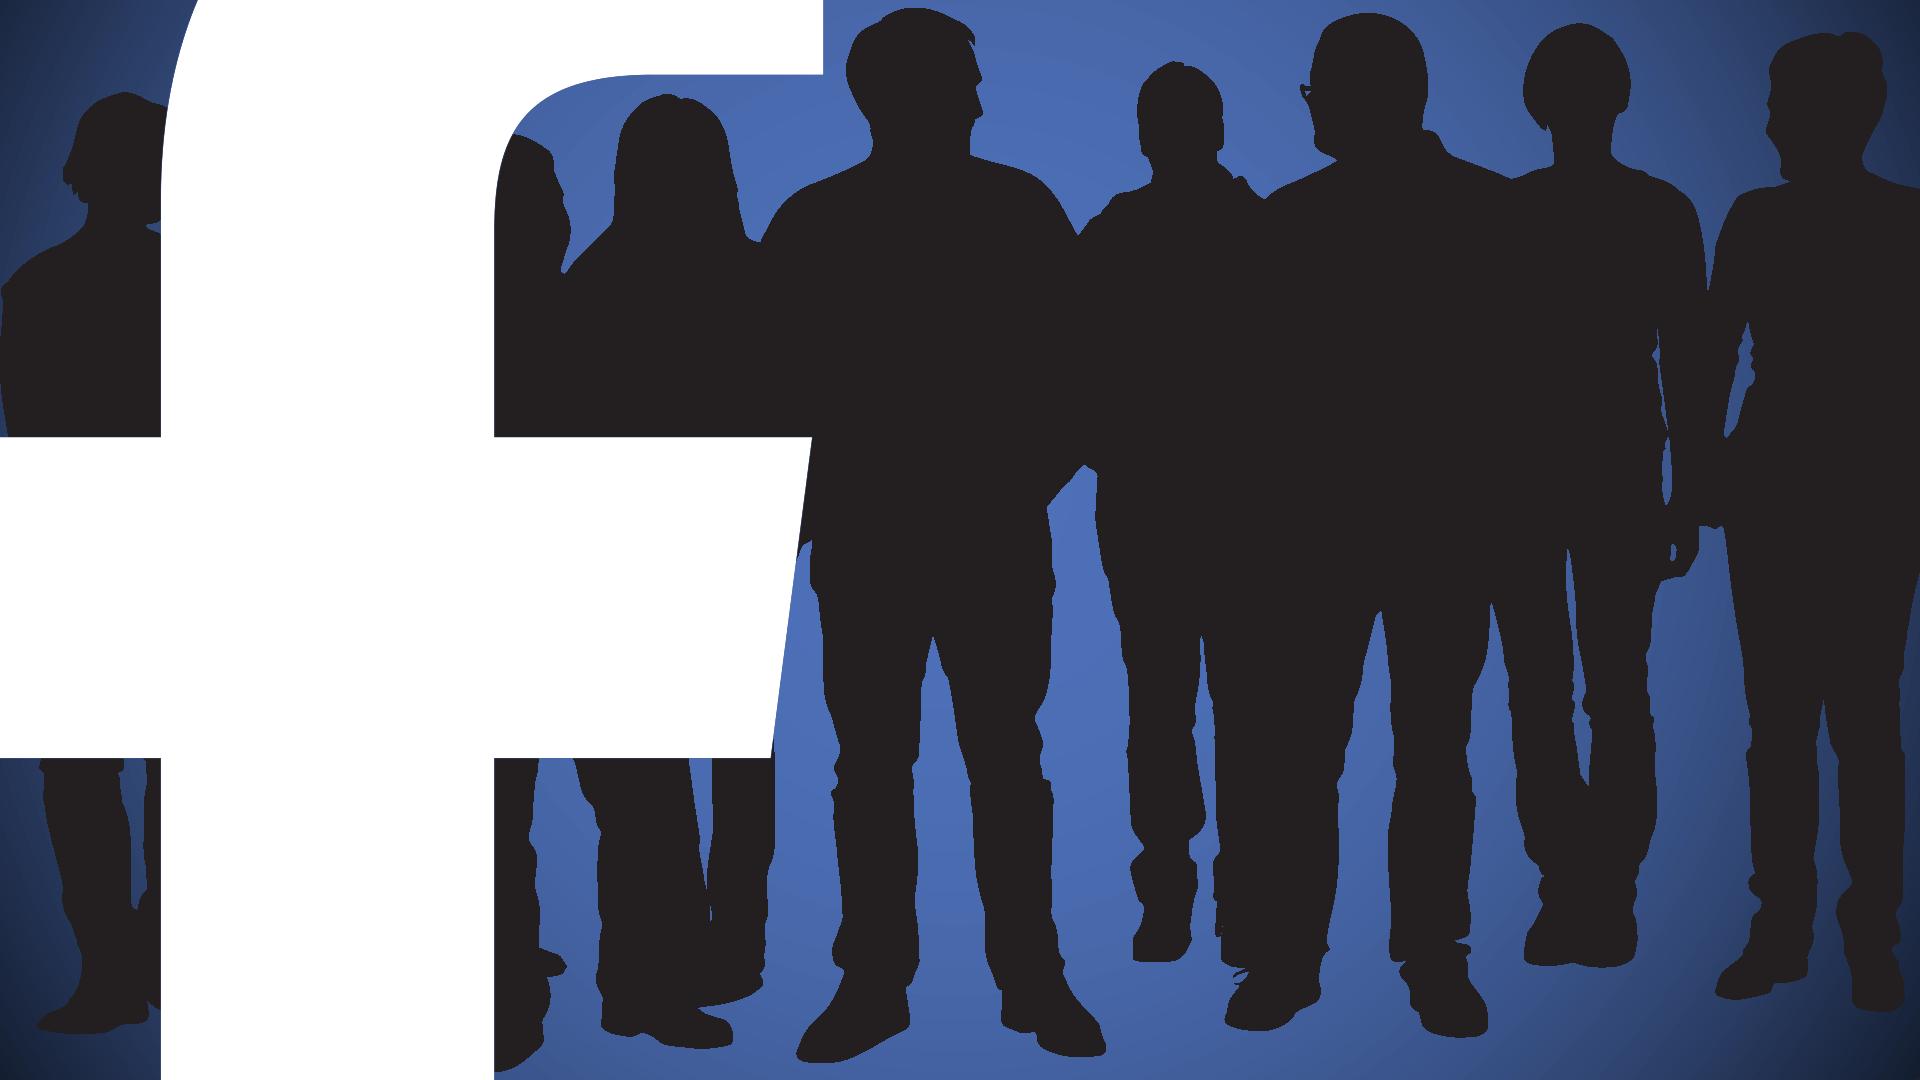 Обнаружена утечка данных полумиллиарда пользователей Facebook